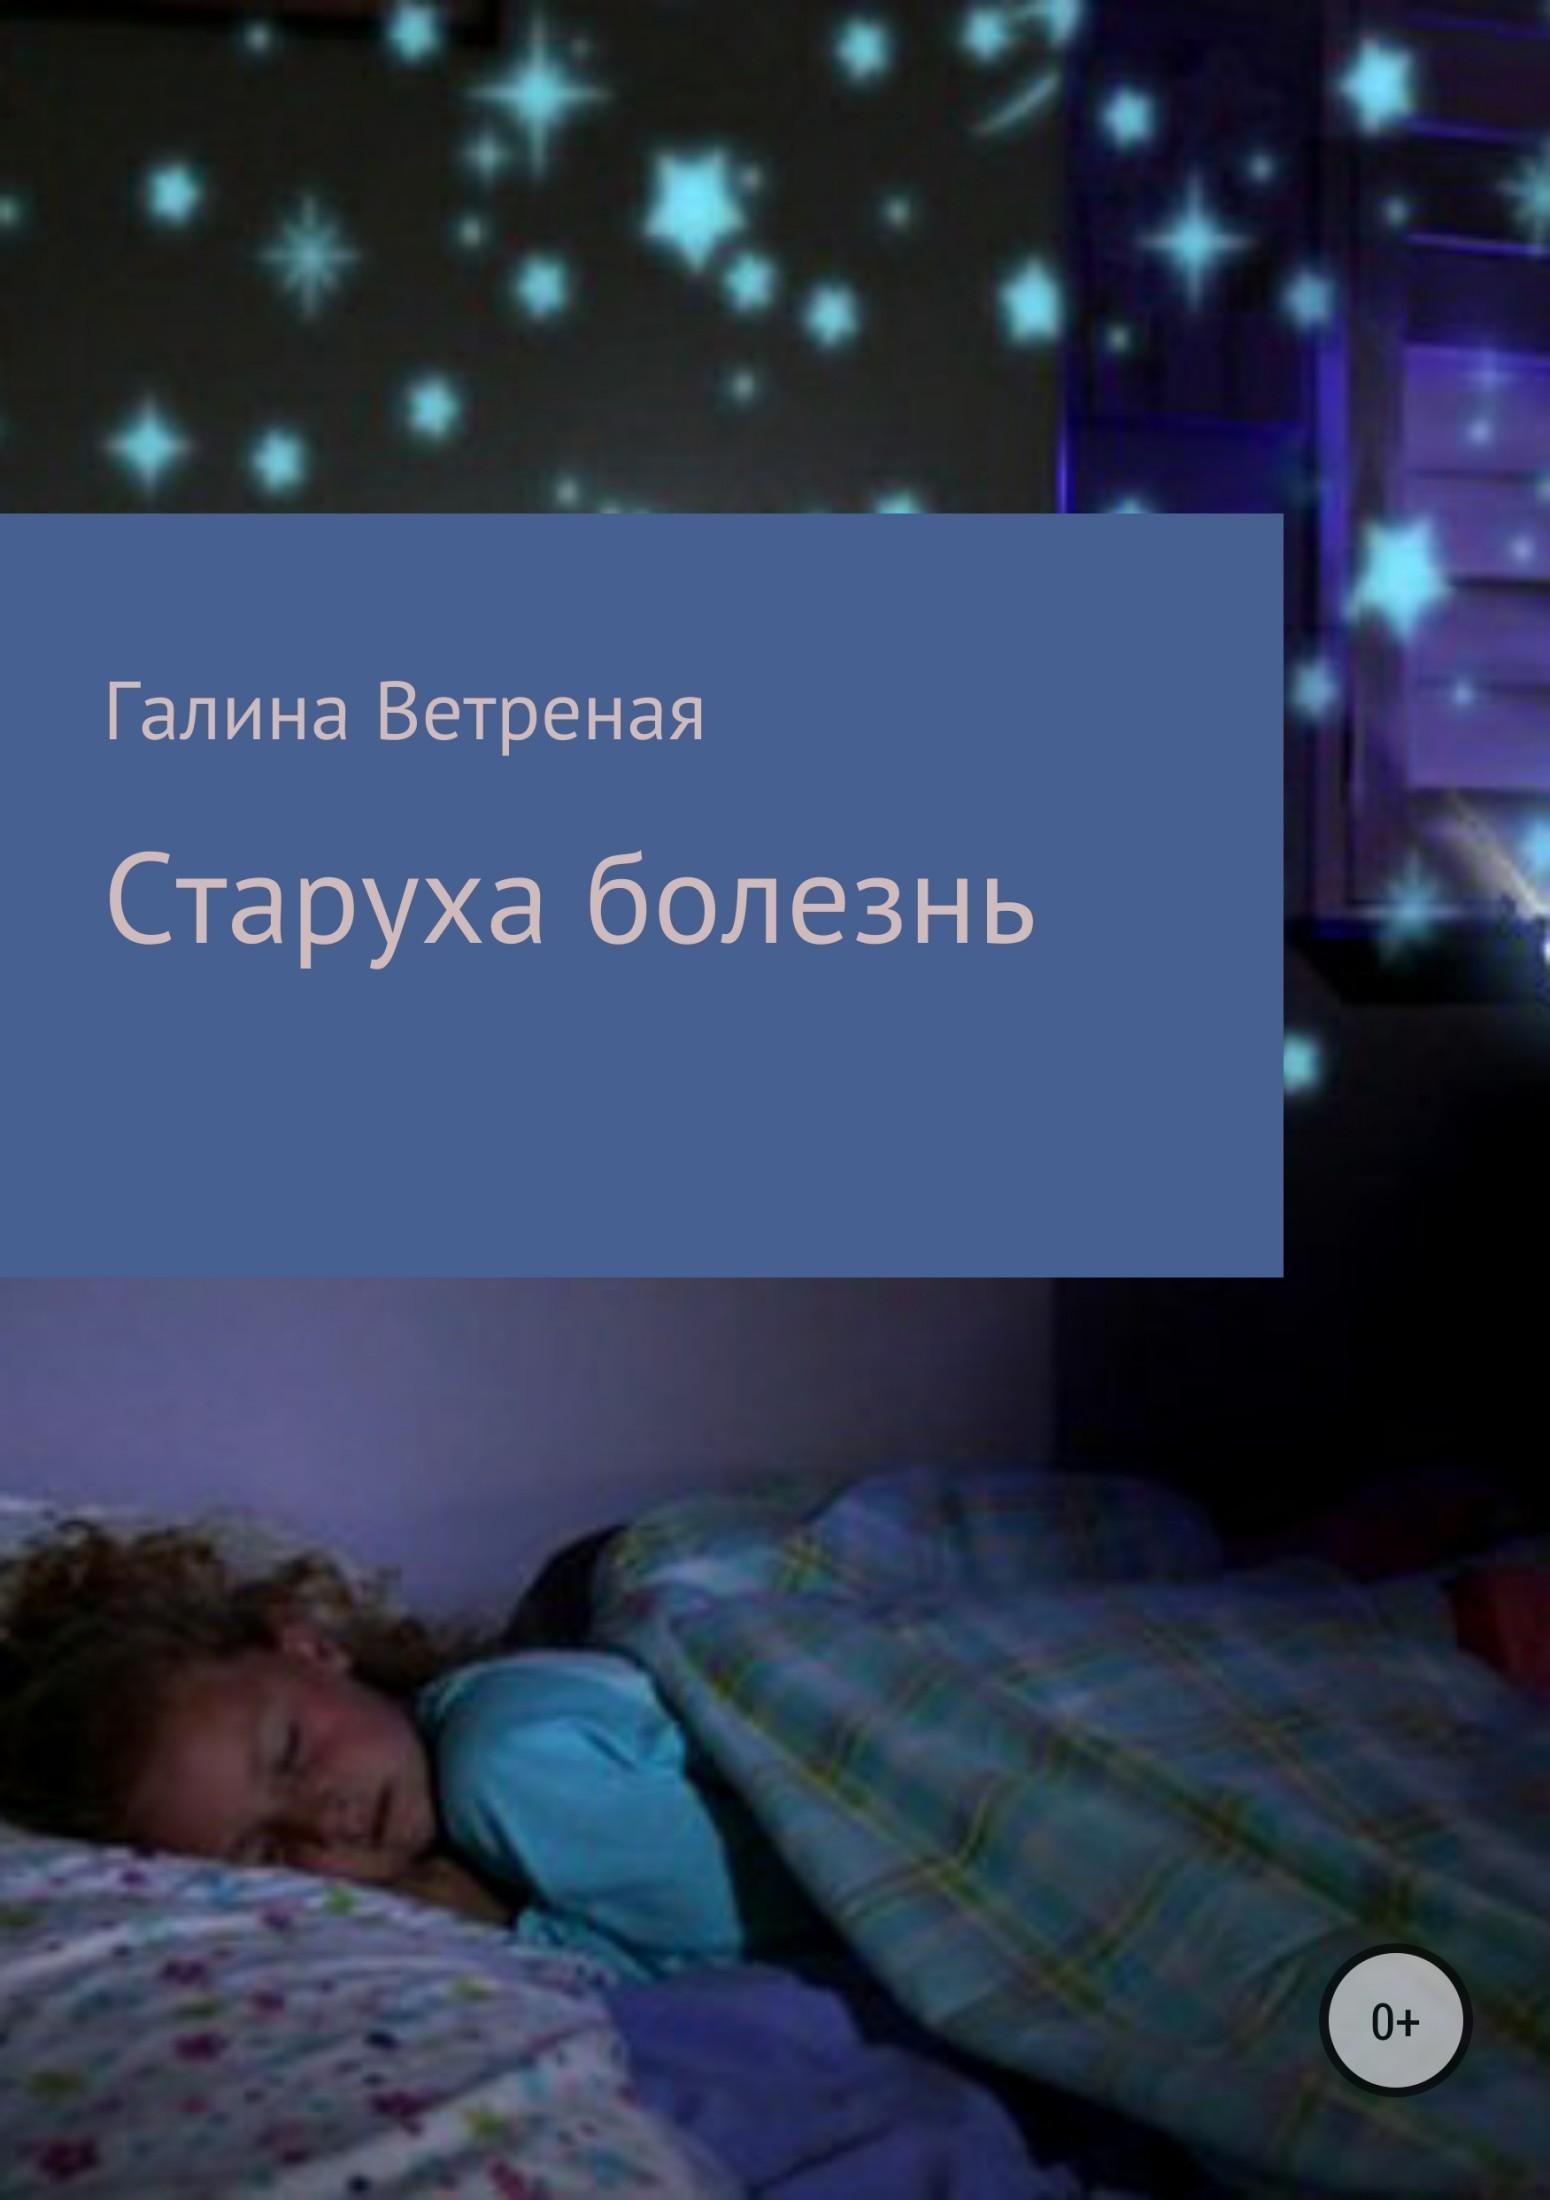 Галина Владимировна Ветреная Старуха болезнь романова галина владимировна тайну хранит звезда